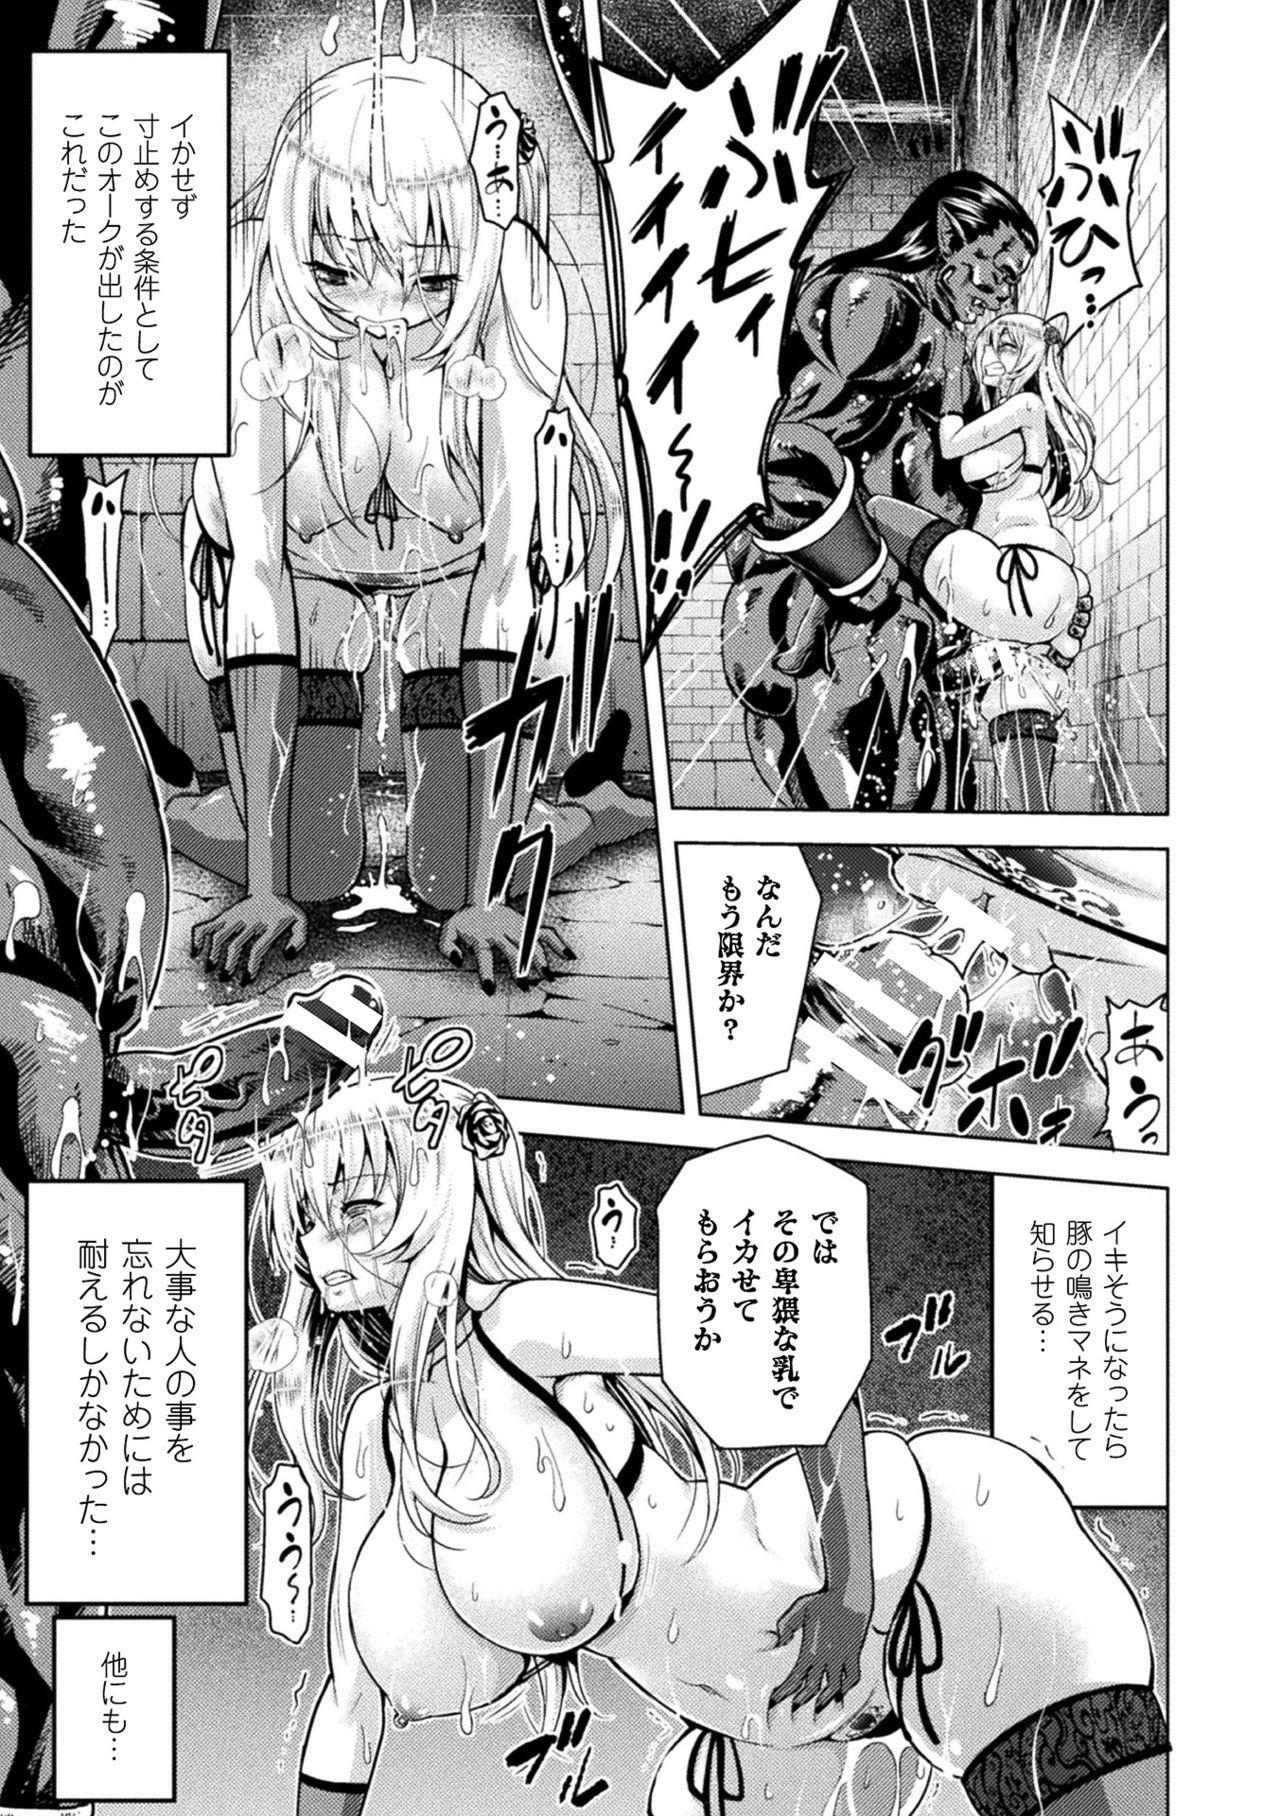 ERONA Orc no Inmon ni Okasareta Onna Kishi no Matsuro 50